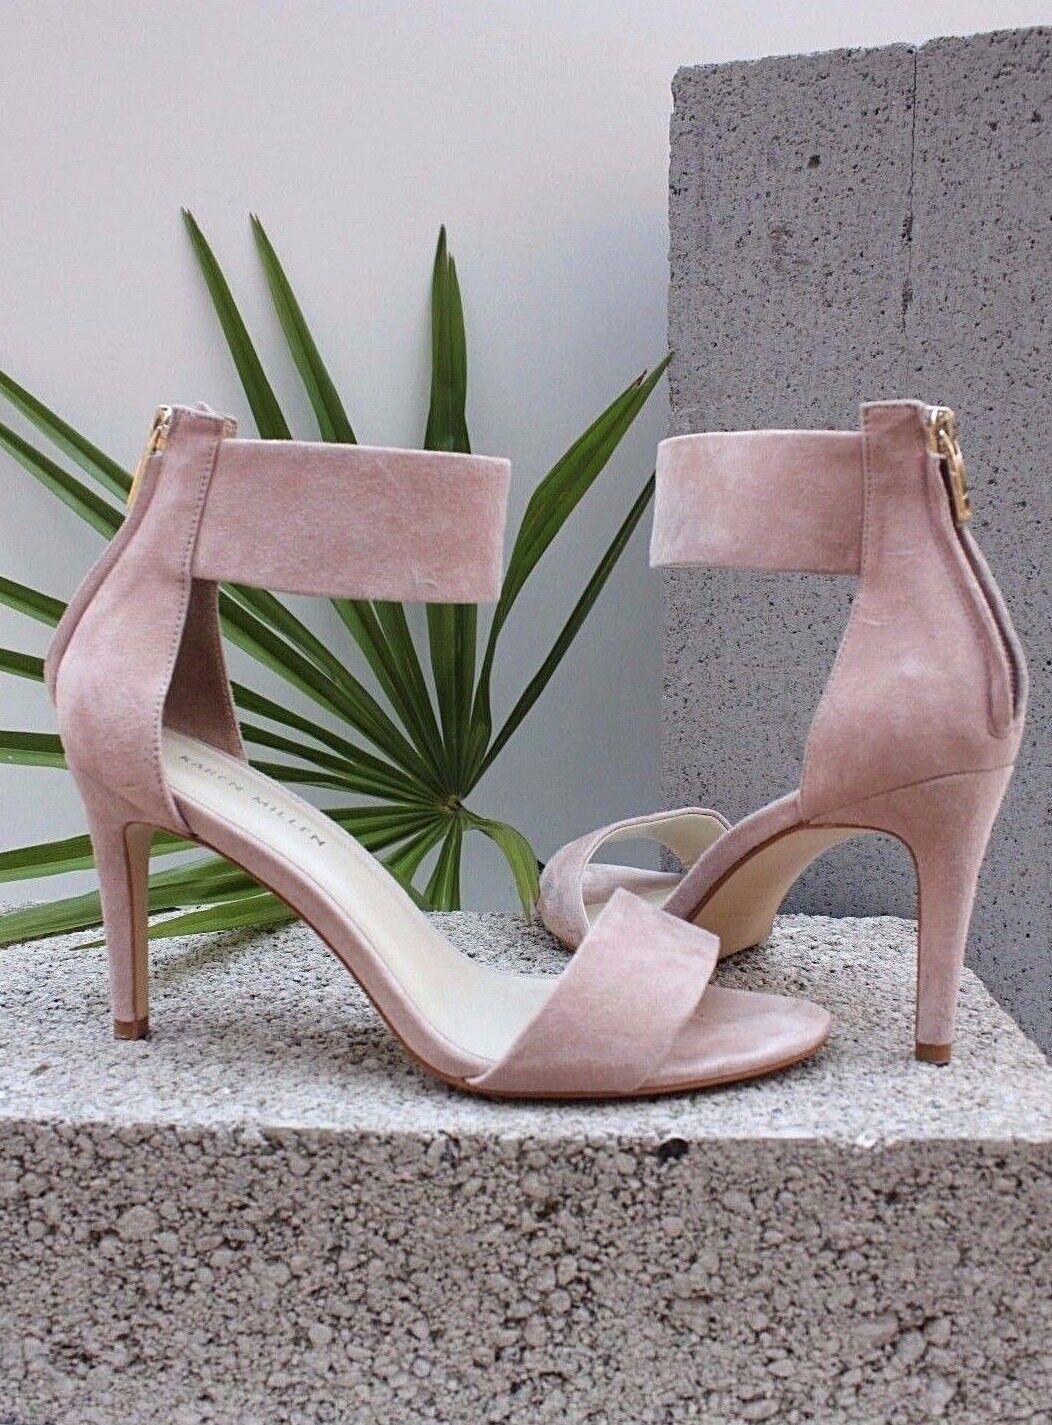 Karen Millen FY095 Nude Suede Leather Heels Sandals Stiletto schuhe 3 36